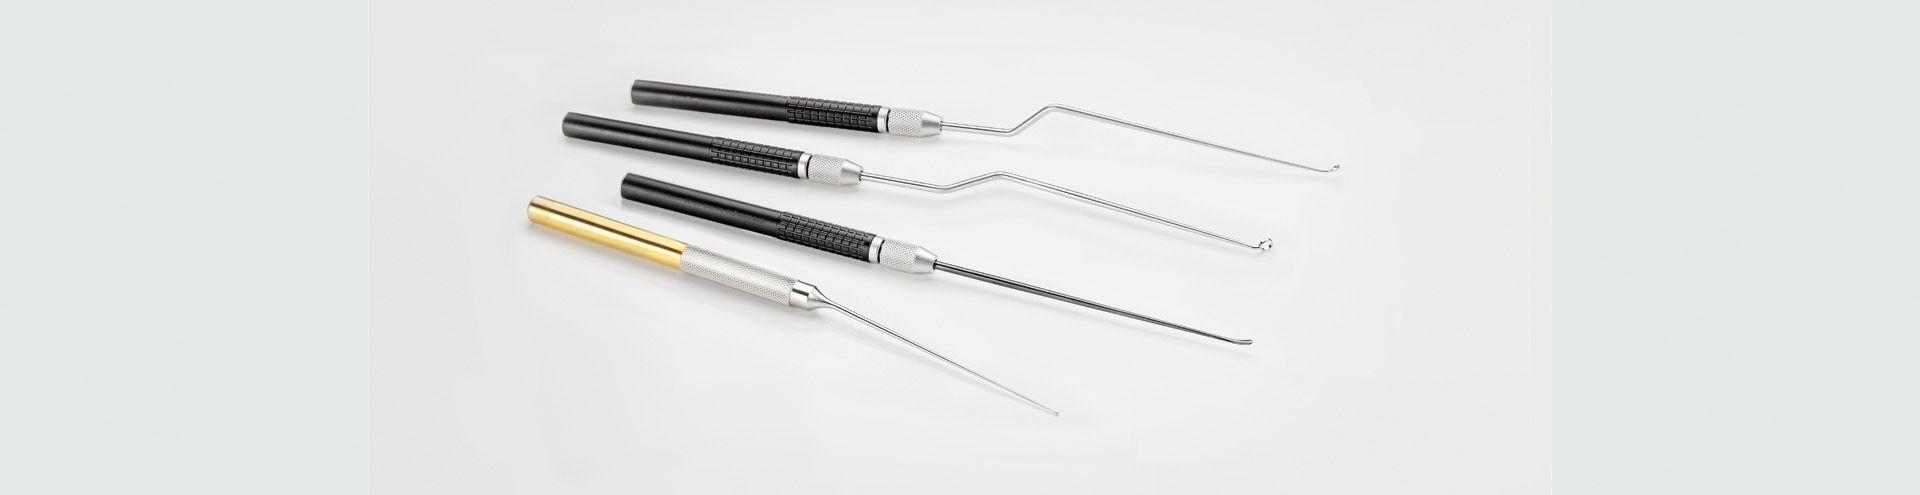 Chirurgische Instrumente für die Neurochirurgie